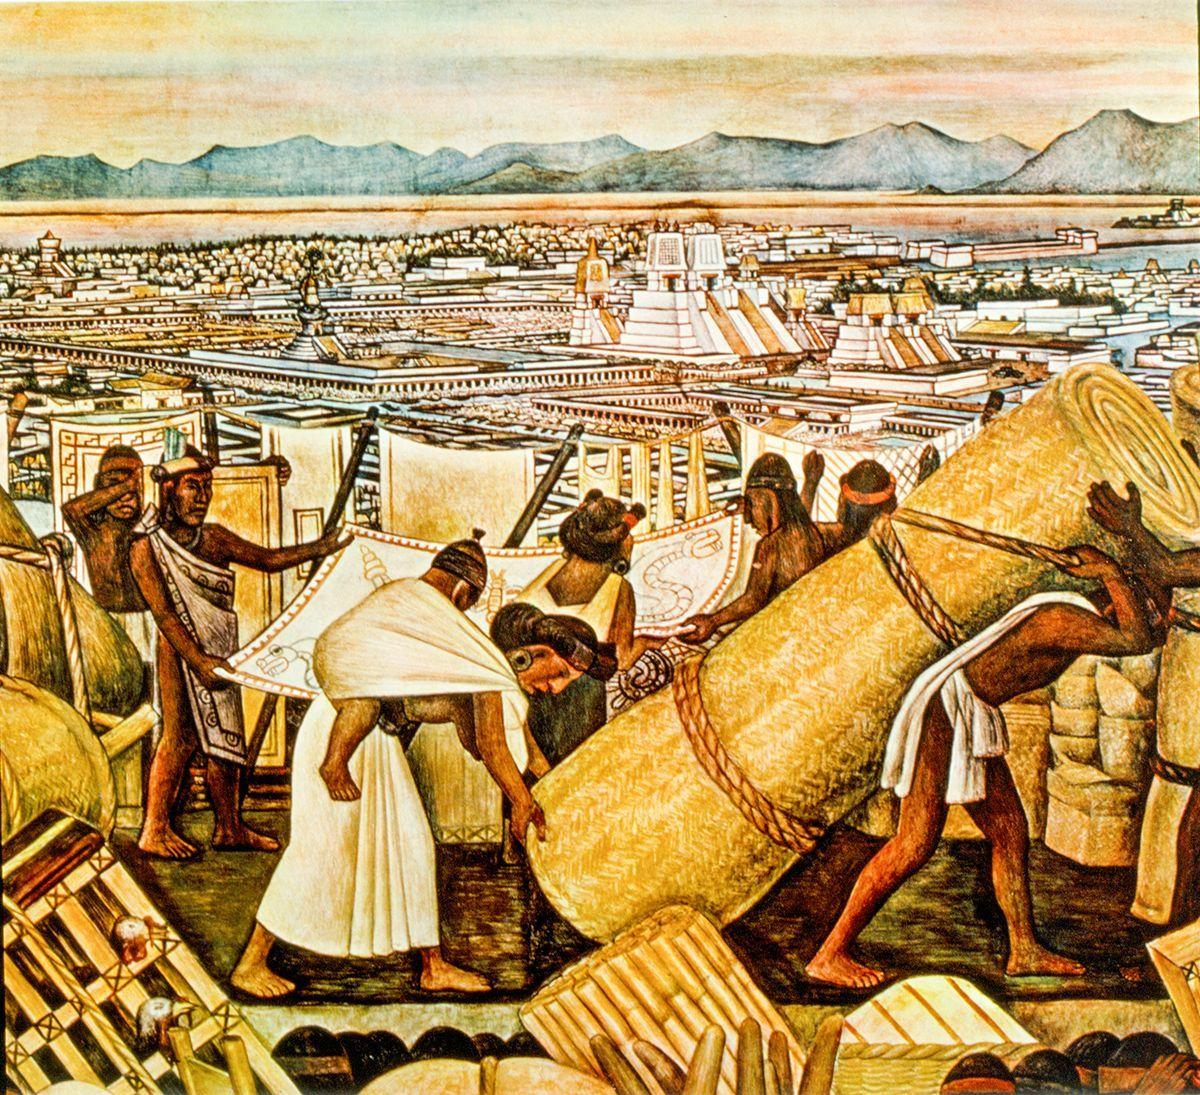 Mercado de Tlatelolco, con vista a Tenochtitlan, mural de Diego Rivera.